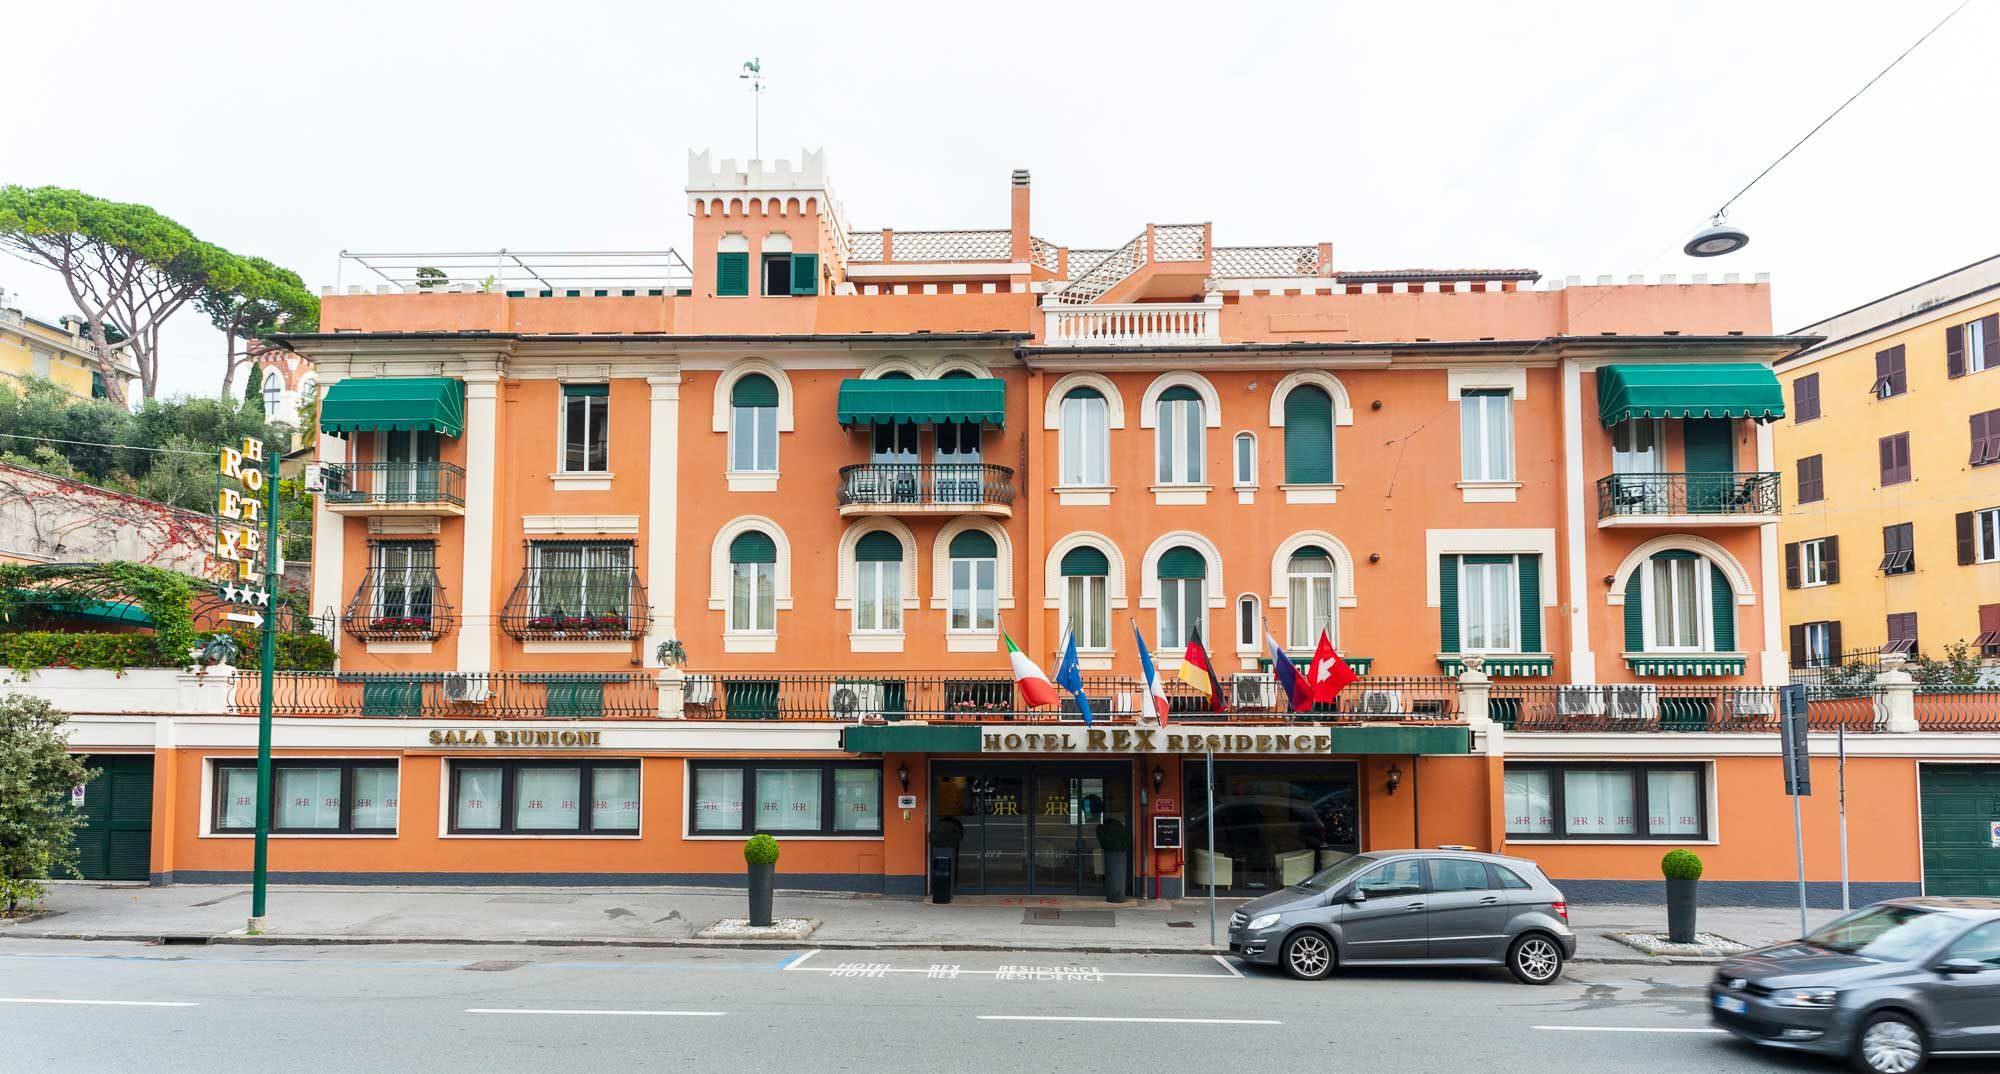 Rex Hotel, servizio fotografico, fotografo genova